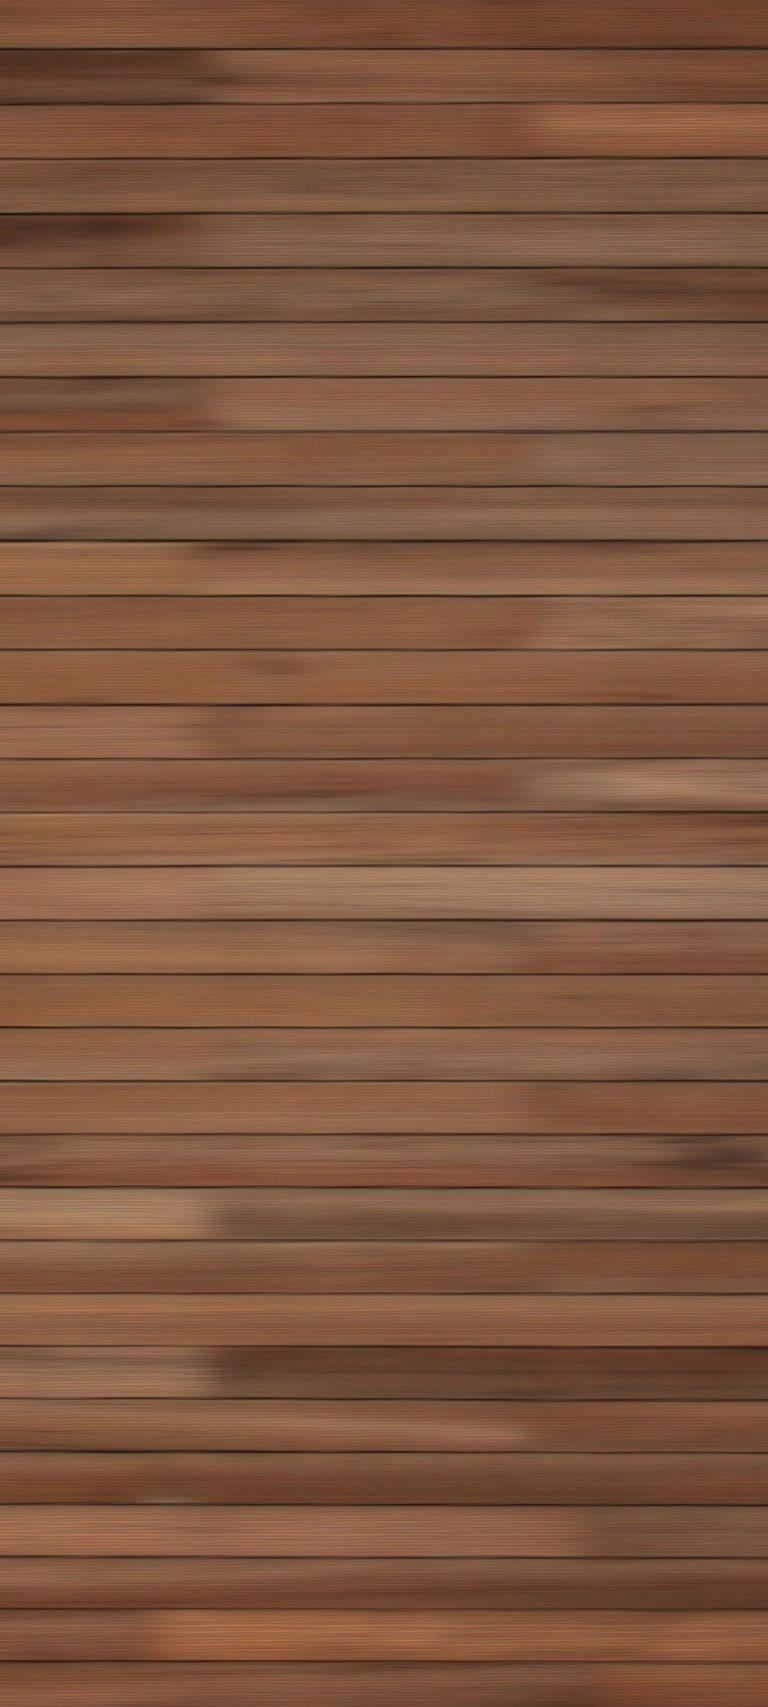 1440x3200 HD Wallpaper 165 768x1707 - 1440x3200 HD Wallpaper - 165